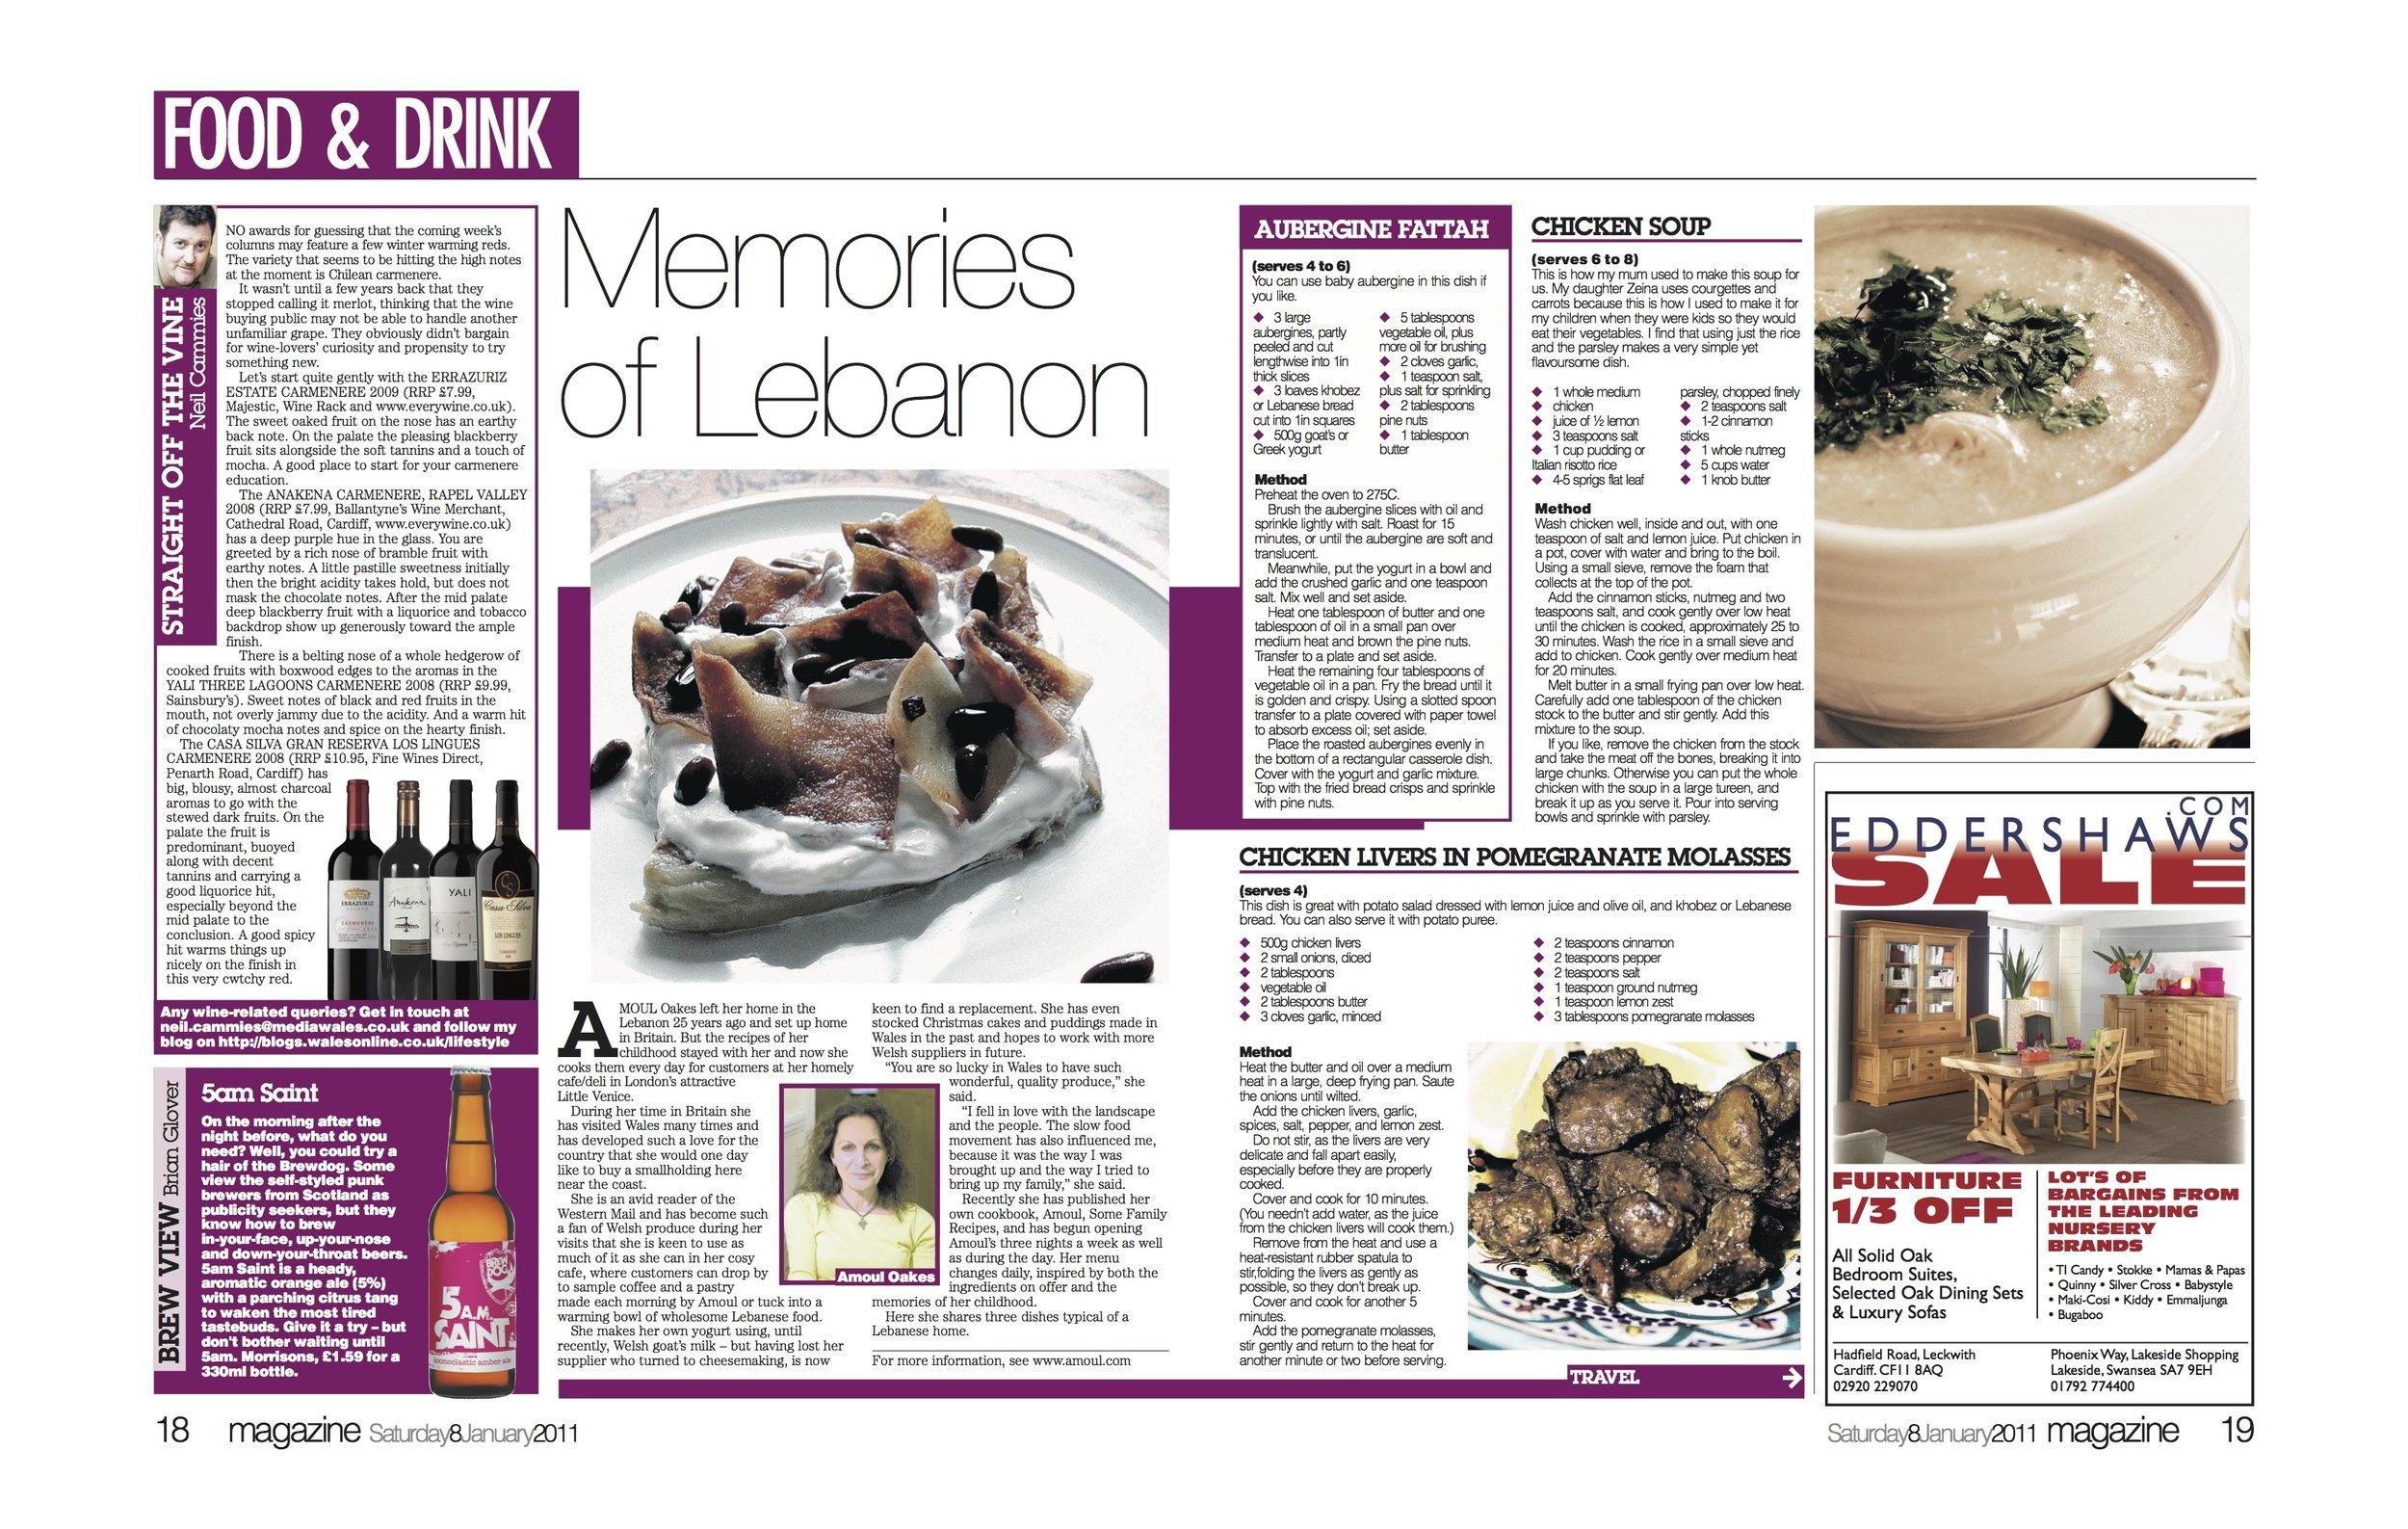 Western Mail Magazine, UK, 2011 -